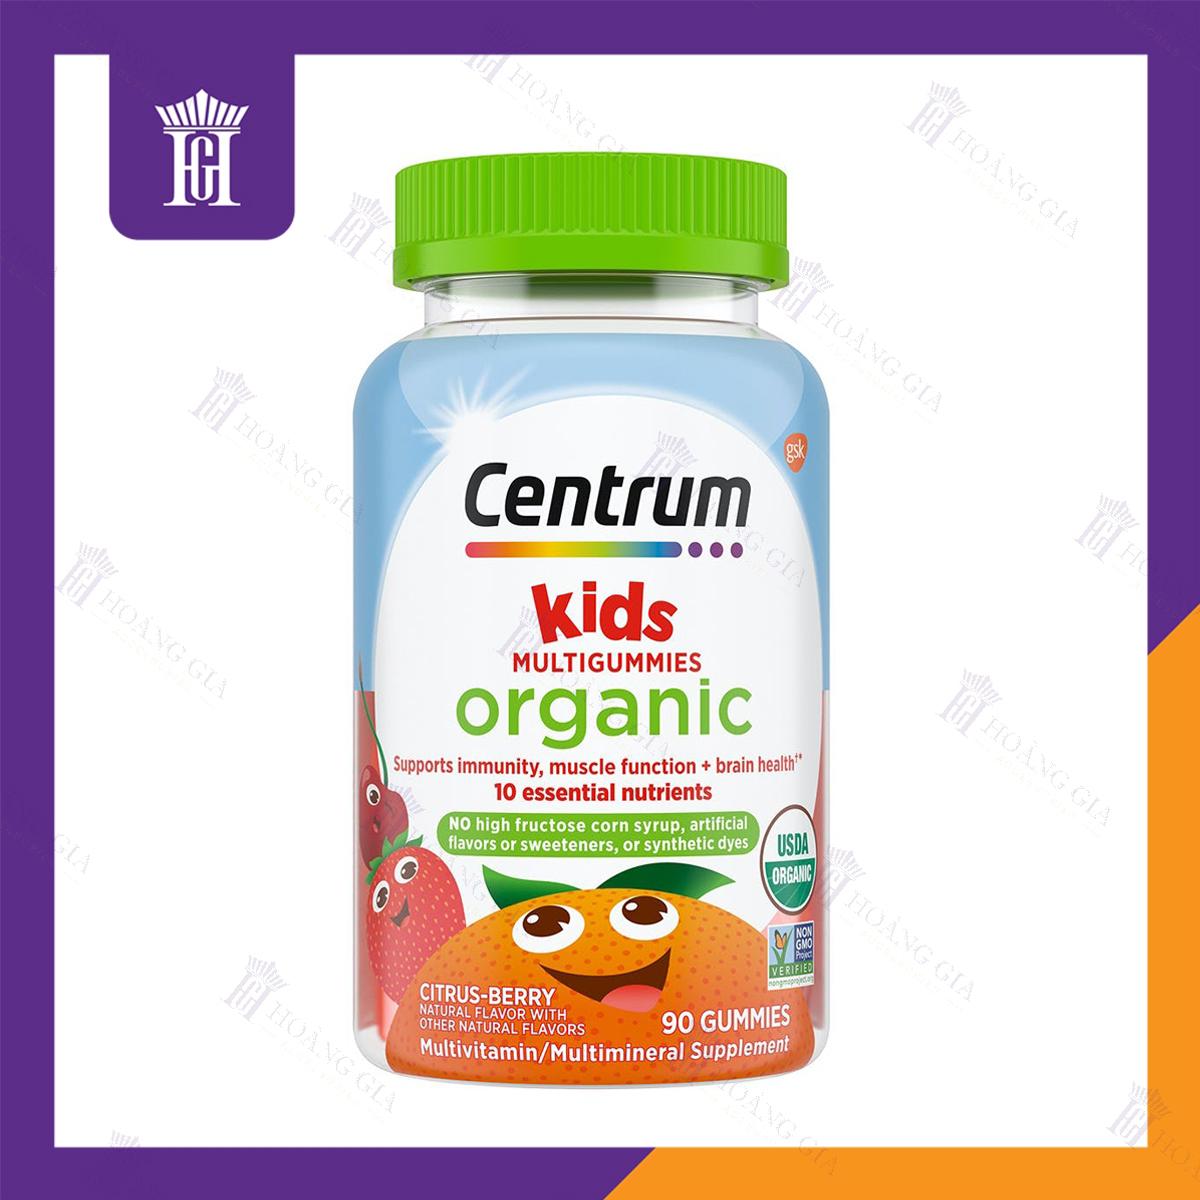 Vitamin tổng hợp hữu cơ dành cho Trẻ em - Centrum Organic Kids Multigummies